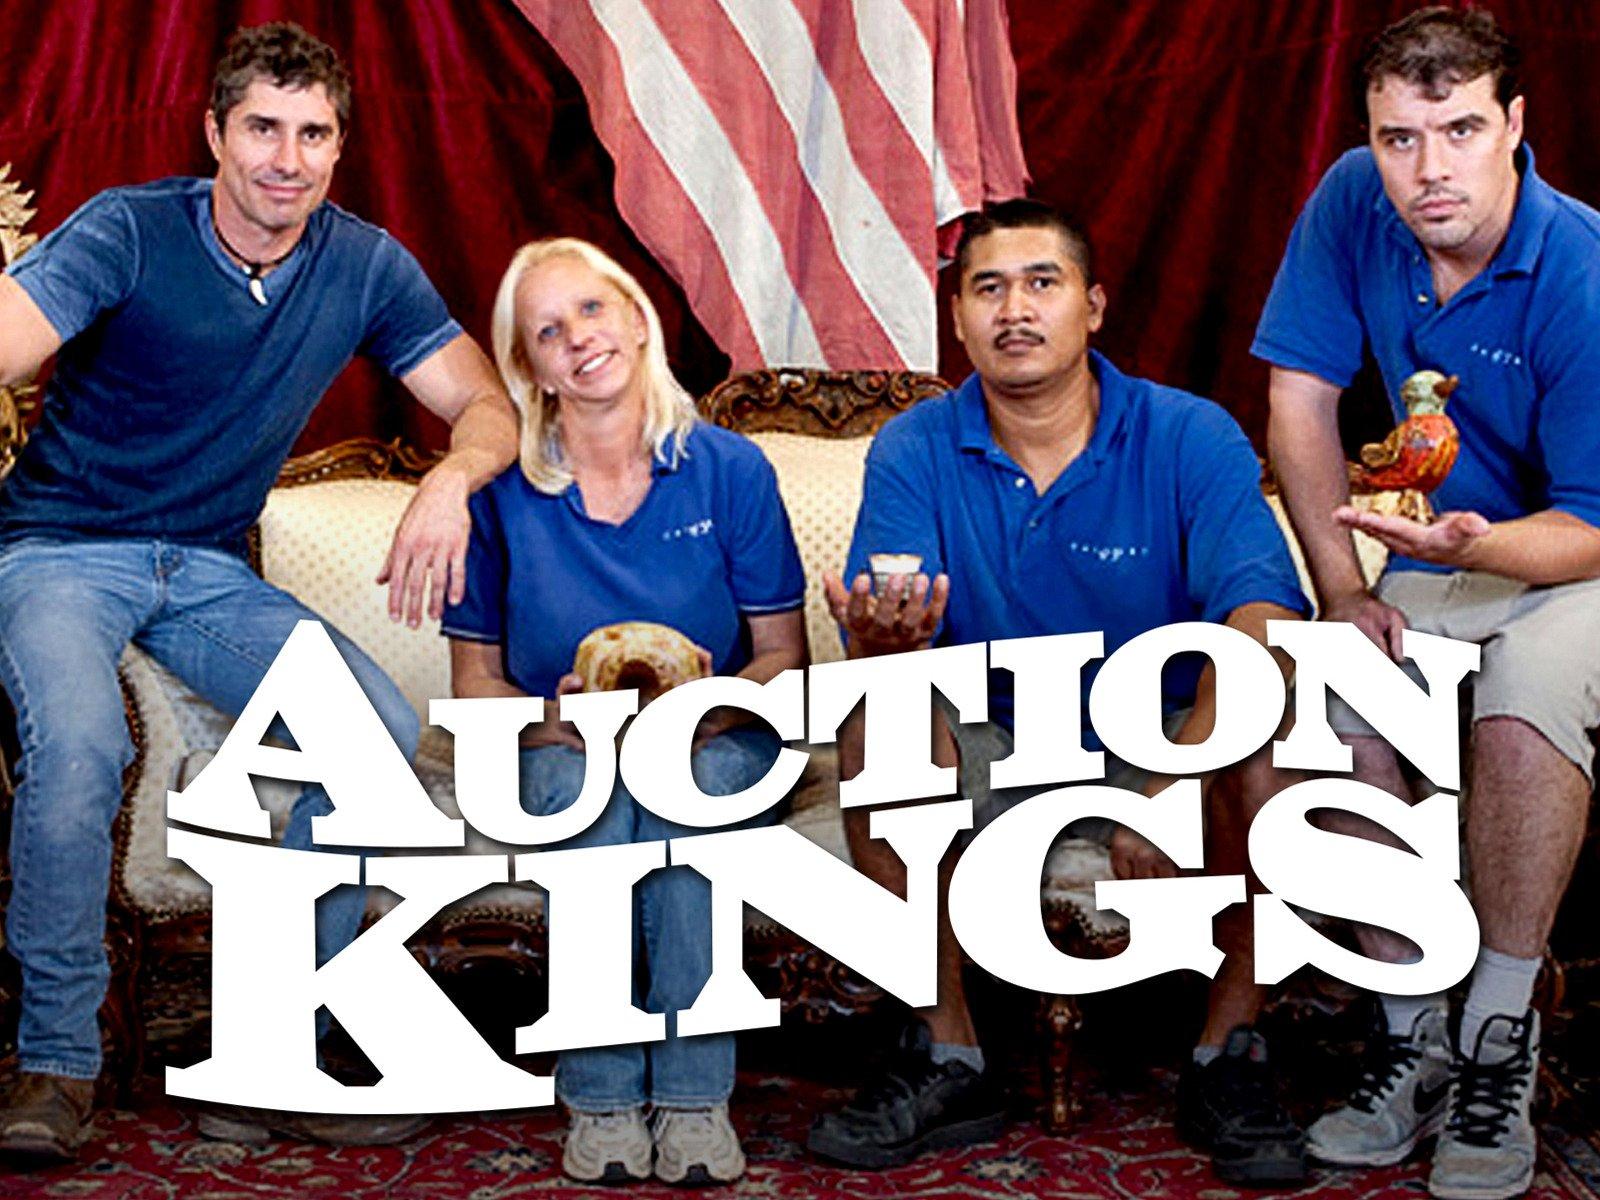 Auction Kings - Season 2